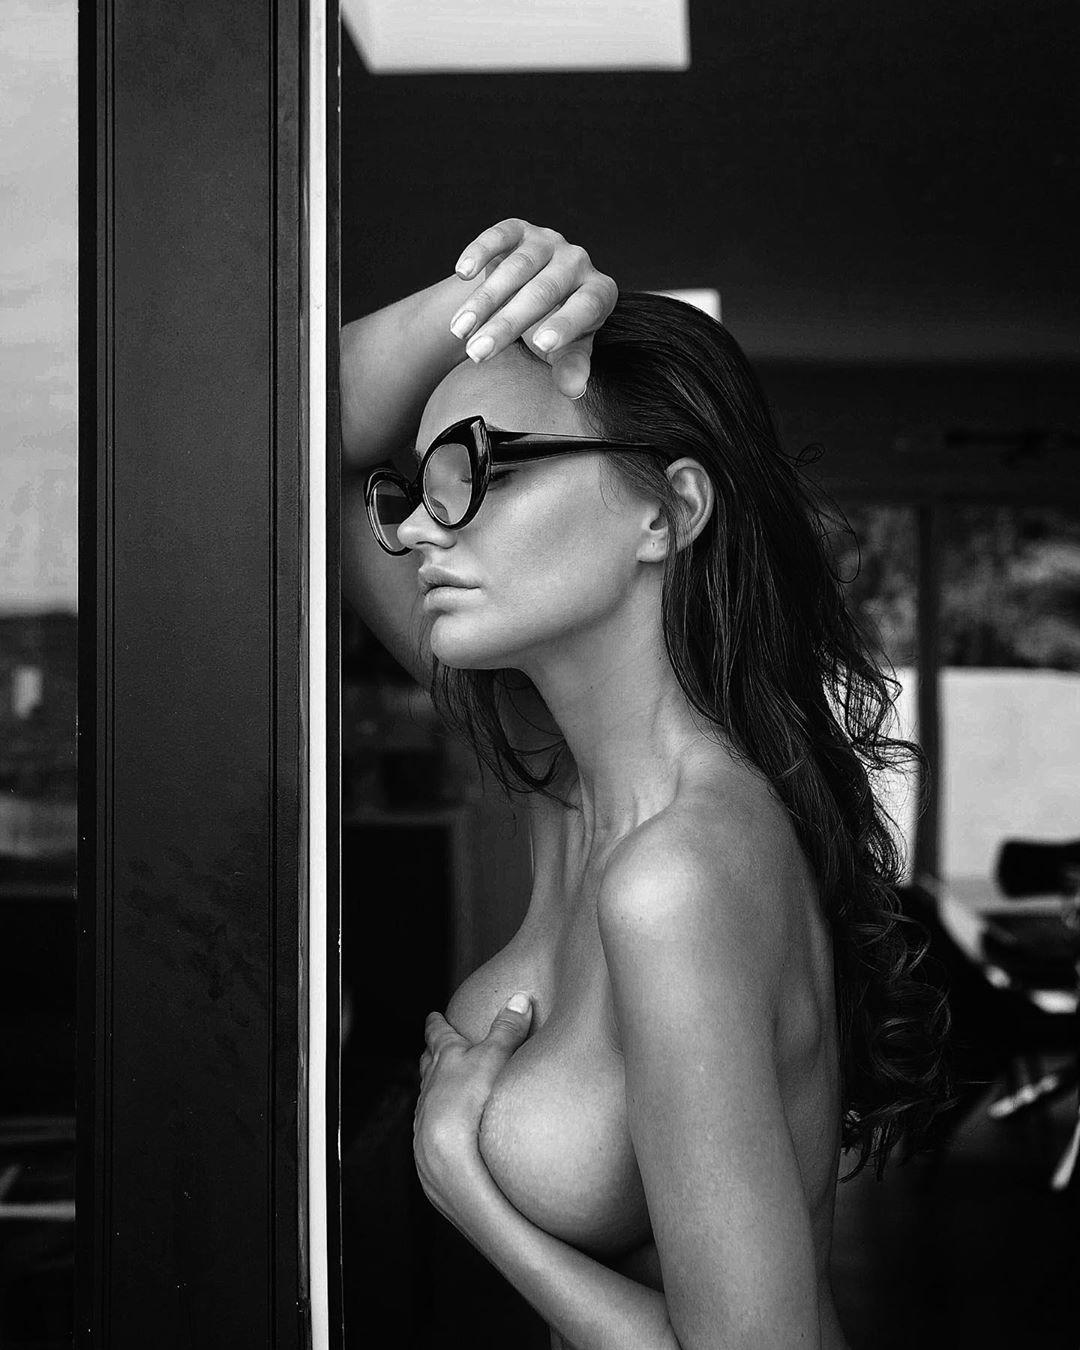 Чувственные снимки девушек от Энтони Эванса